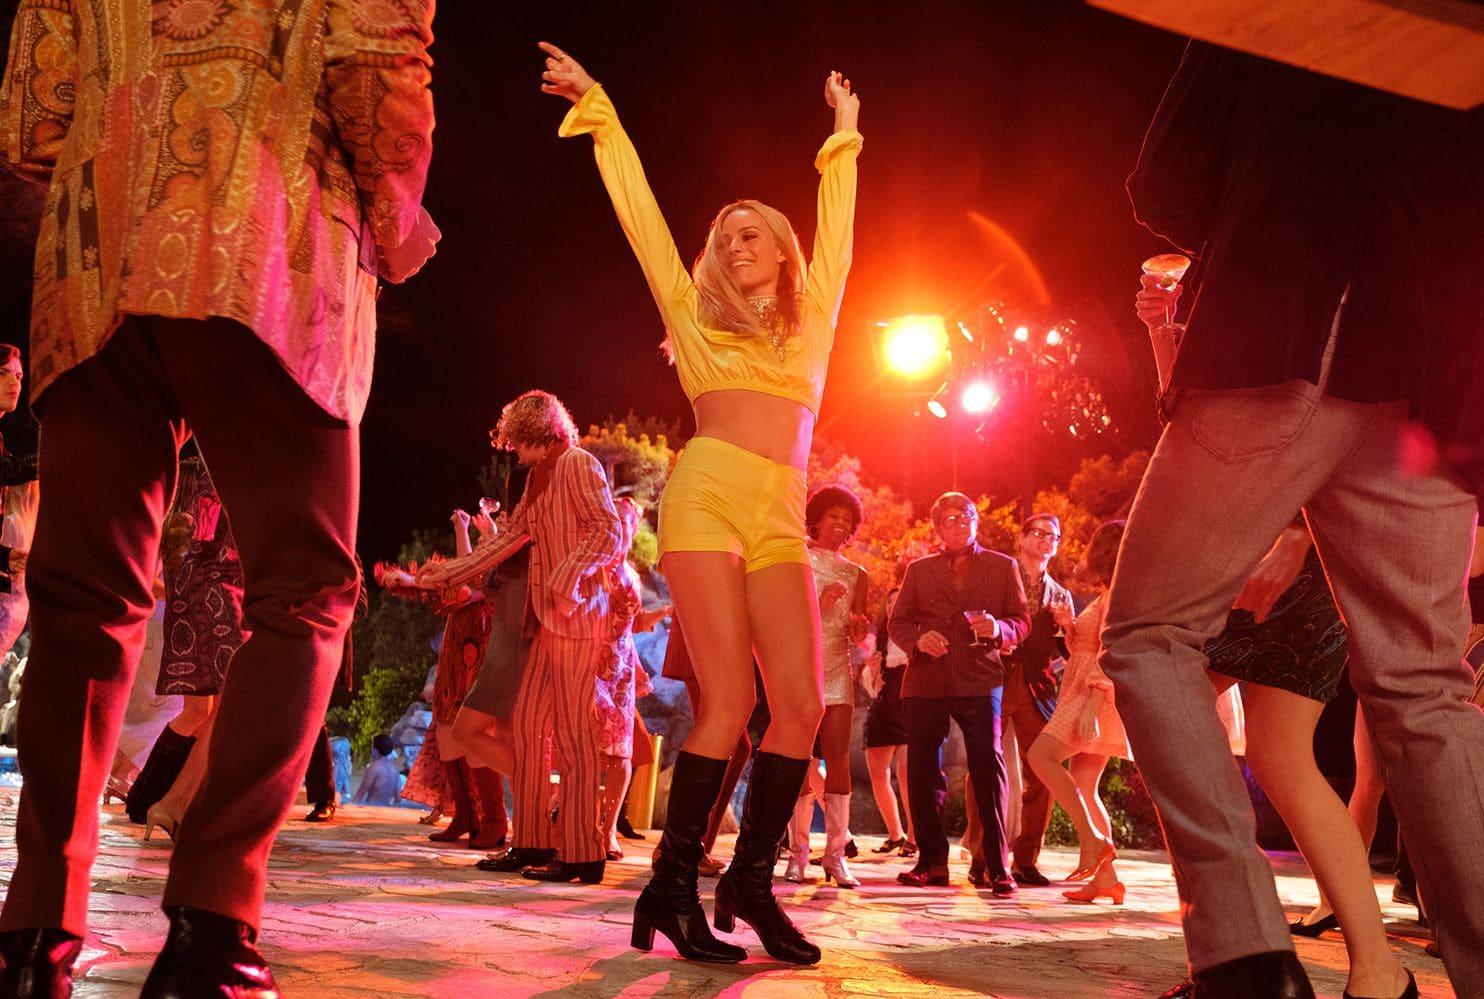 Η Σάρον Τέιτ χορεύει με κίτρινο σύνολο